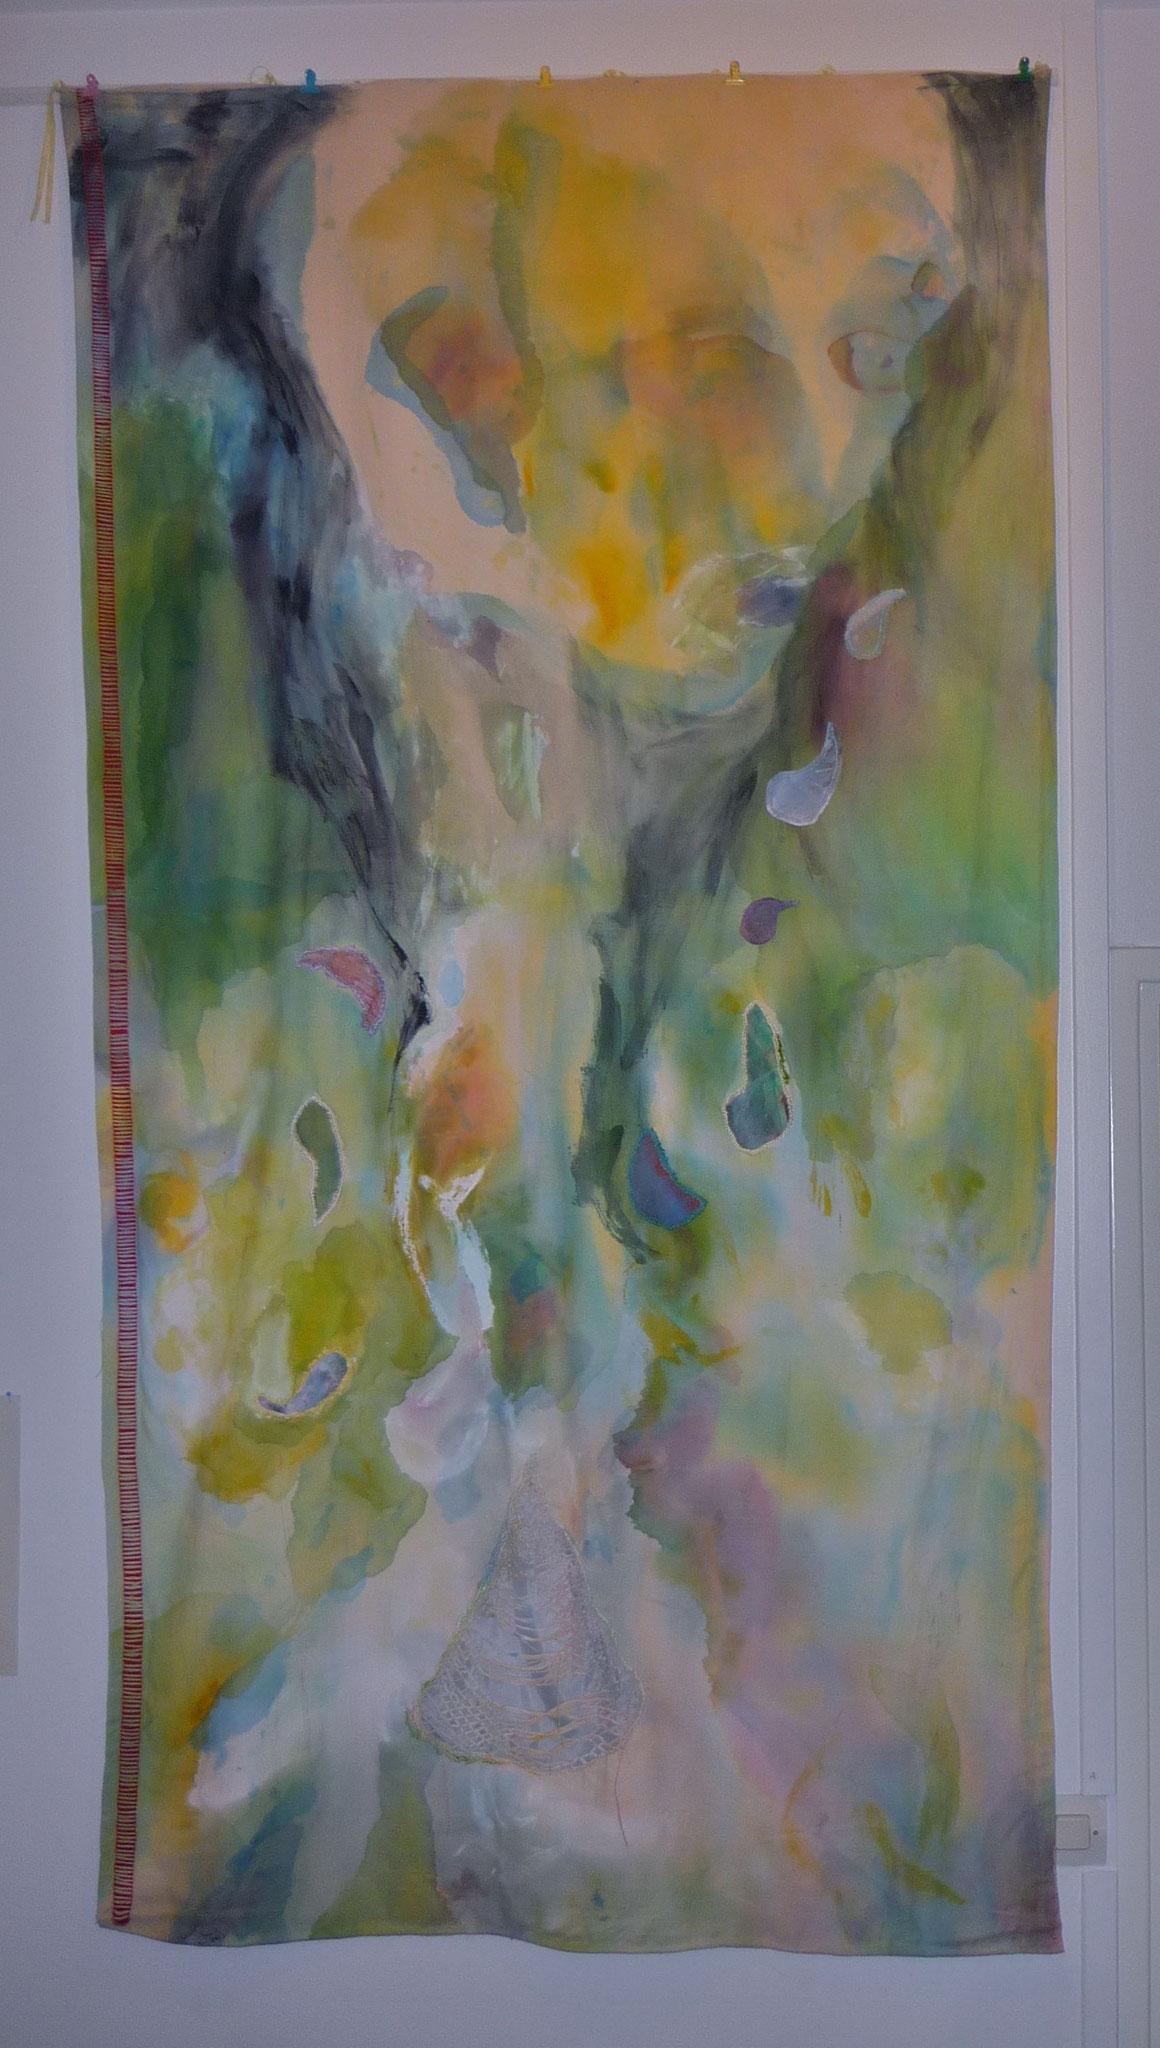 Peinture tissus Broderie   1,80 x 1,20m  - 2012